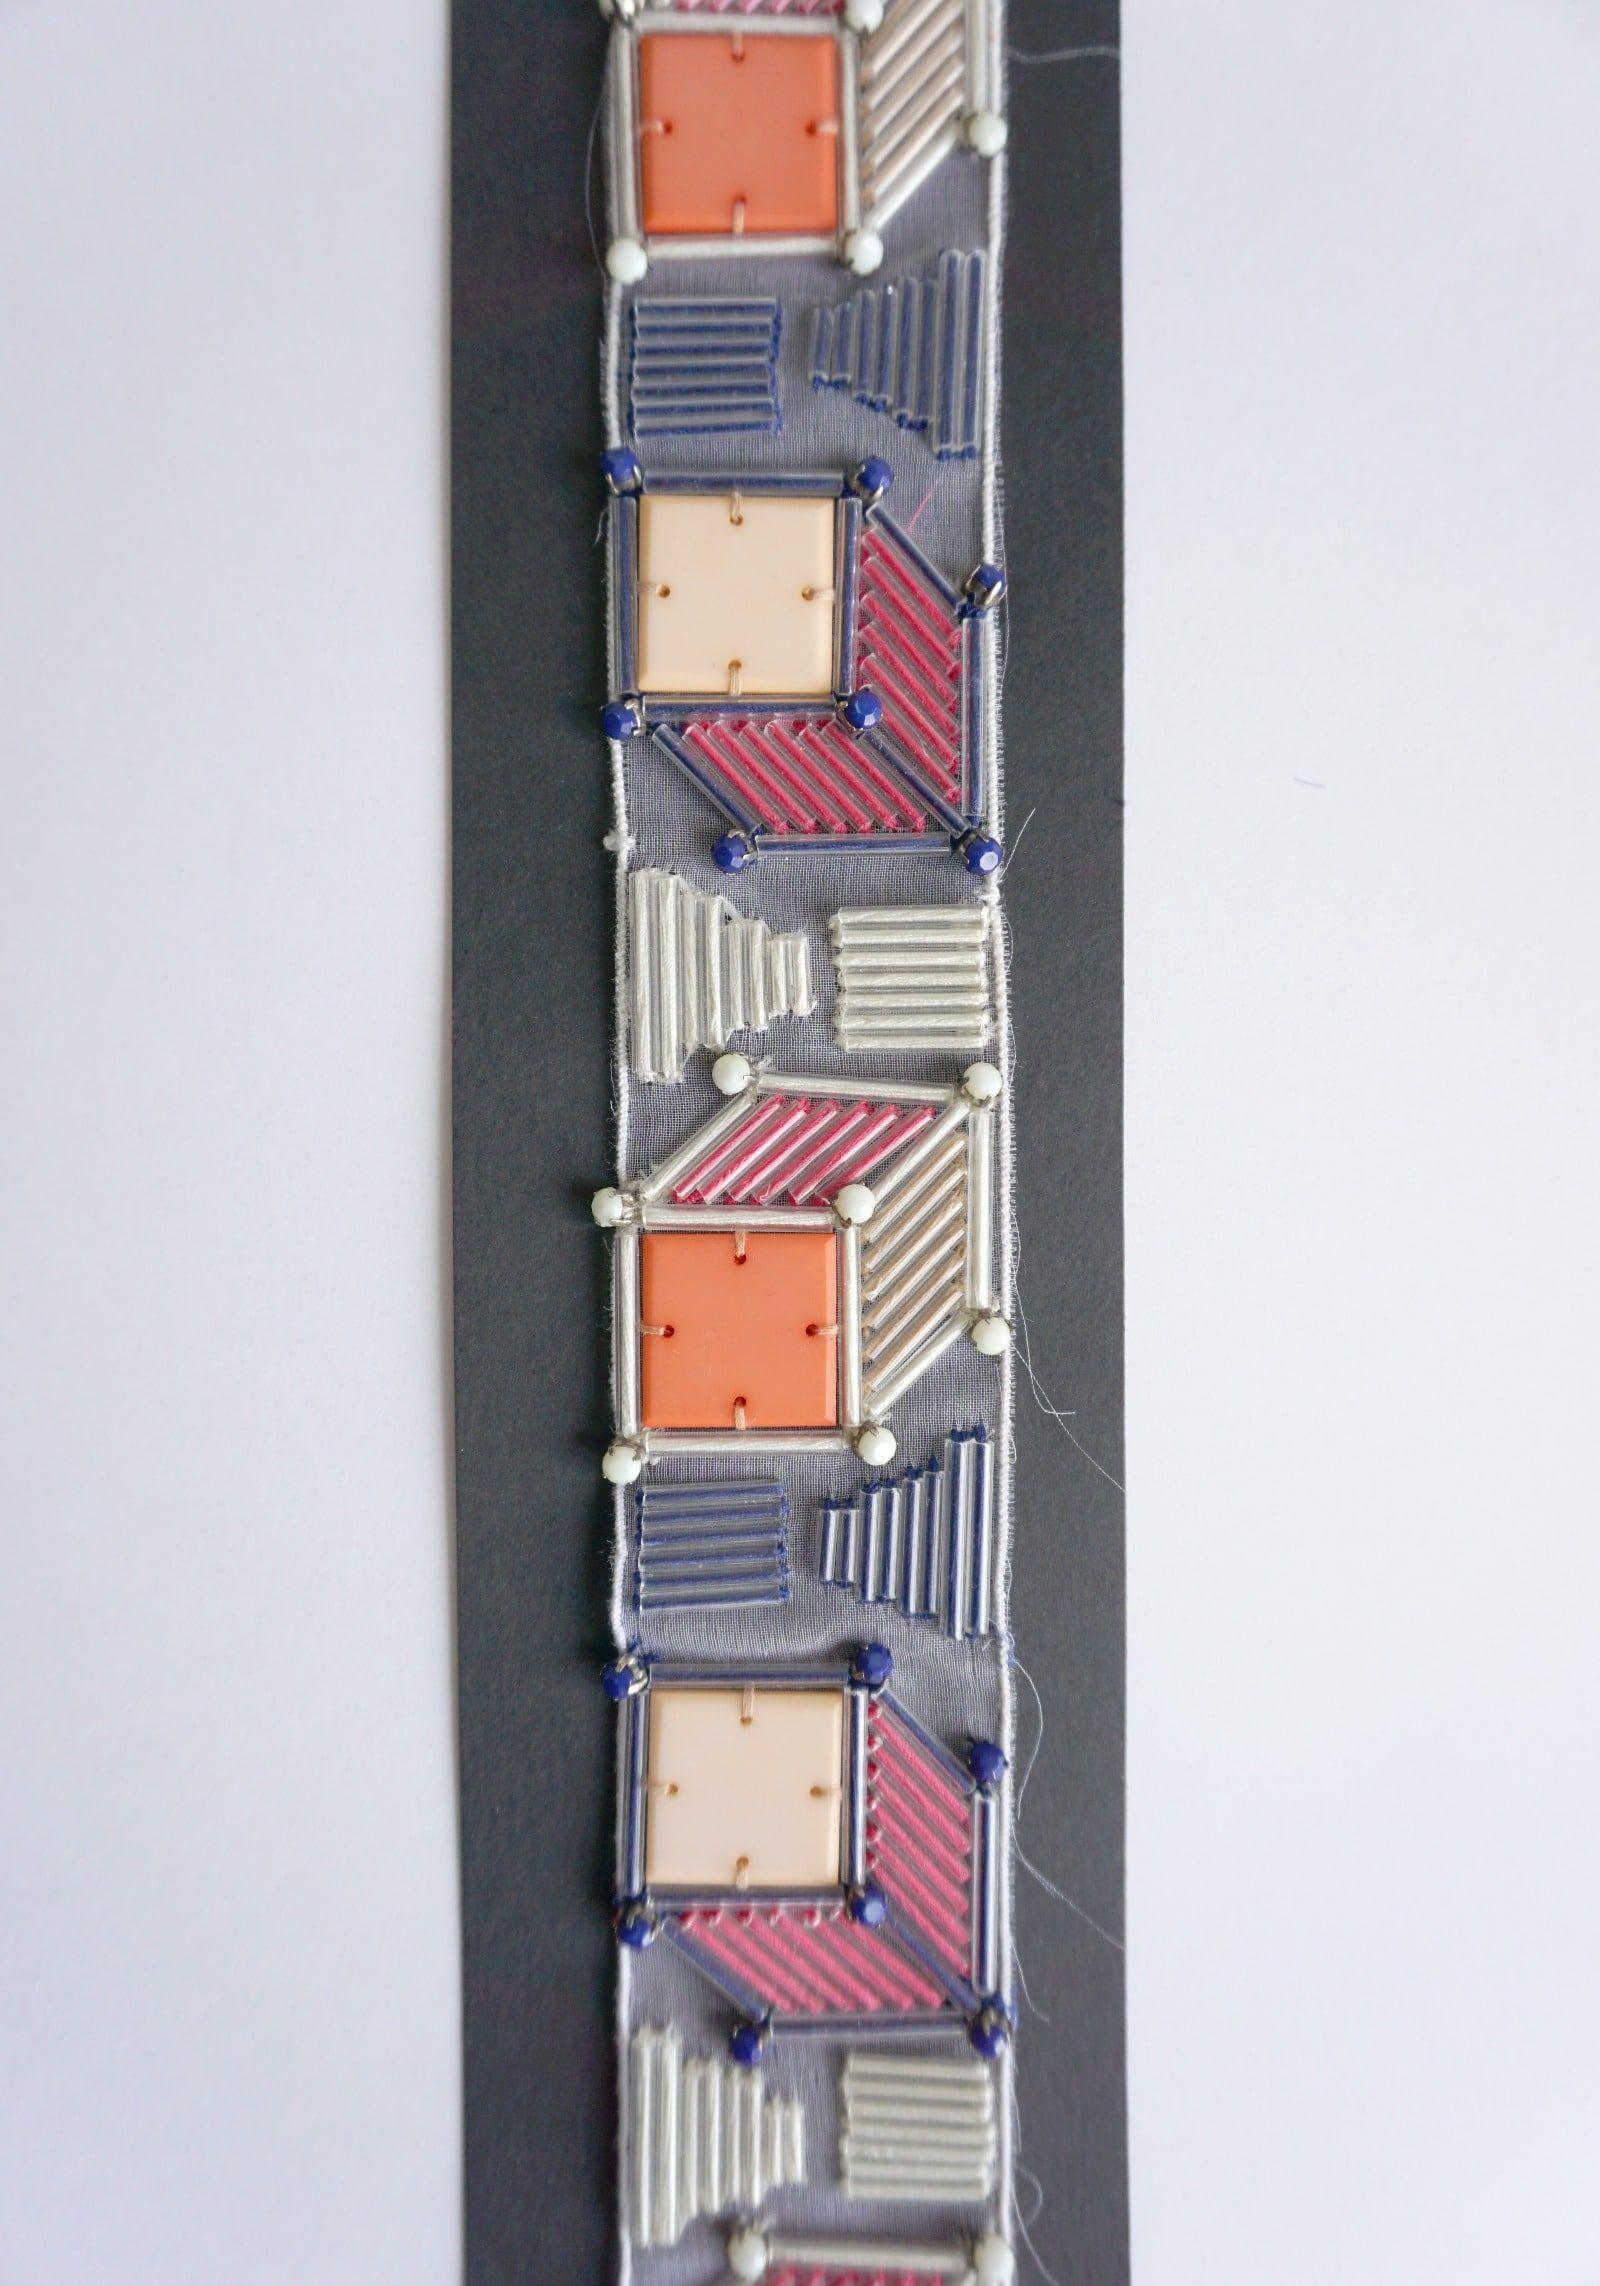 Essai brodeur – Broderies Sonia Rykiel – Perles effet 3D – Printemps ete 2013 – 2